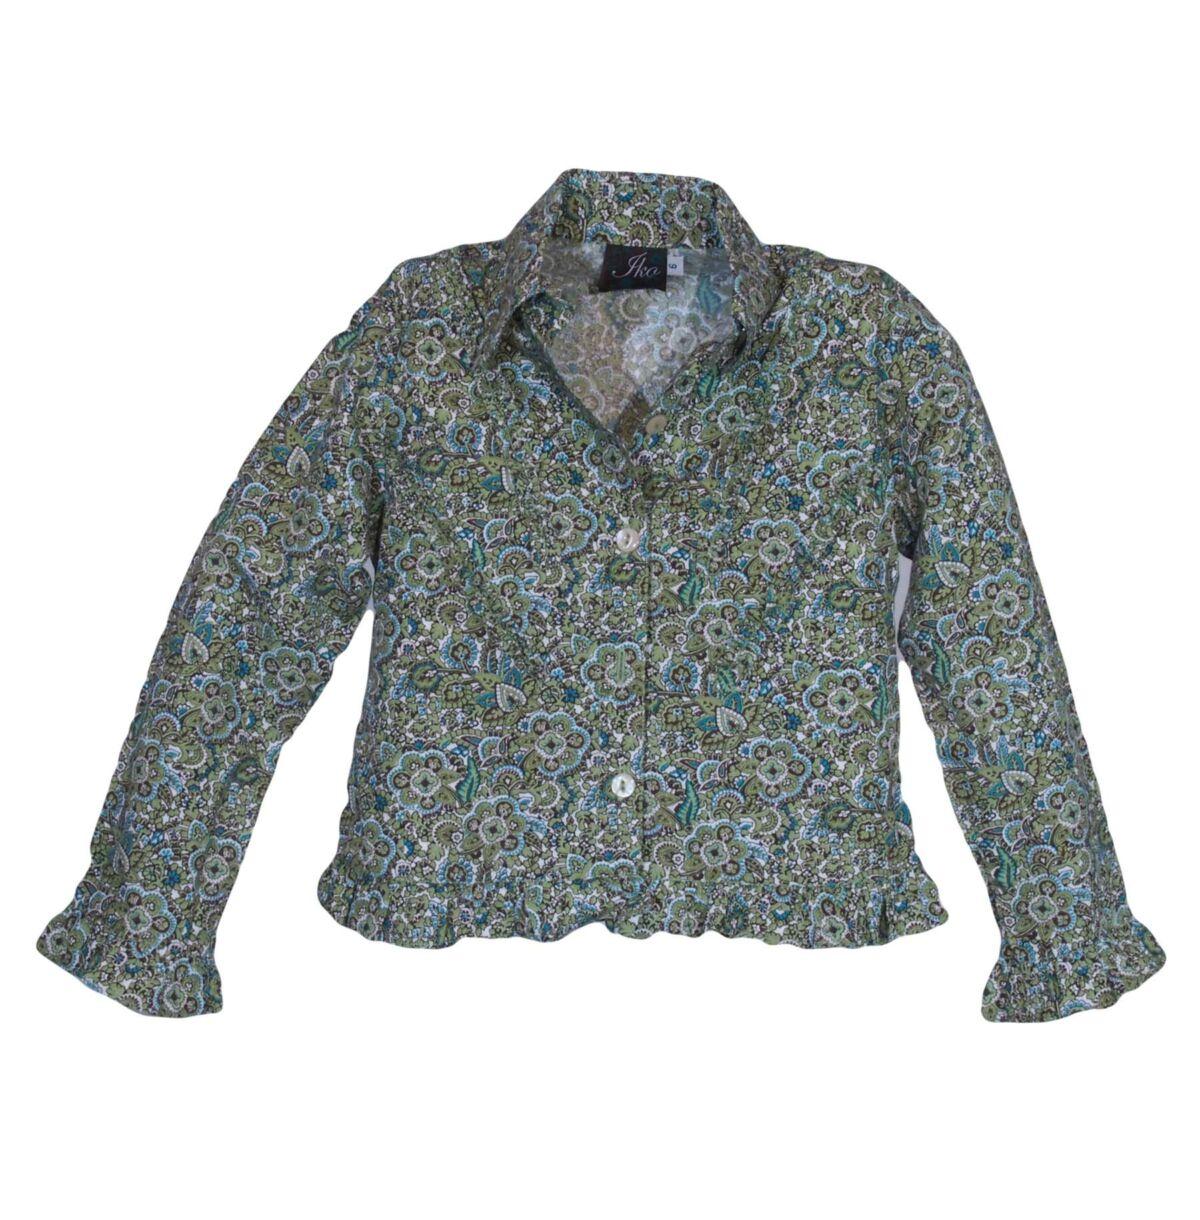 7383eee8c3 Használt ruha / Outlet szűrése: Nem: Lány